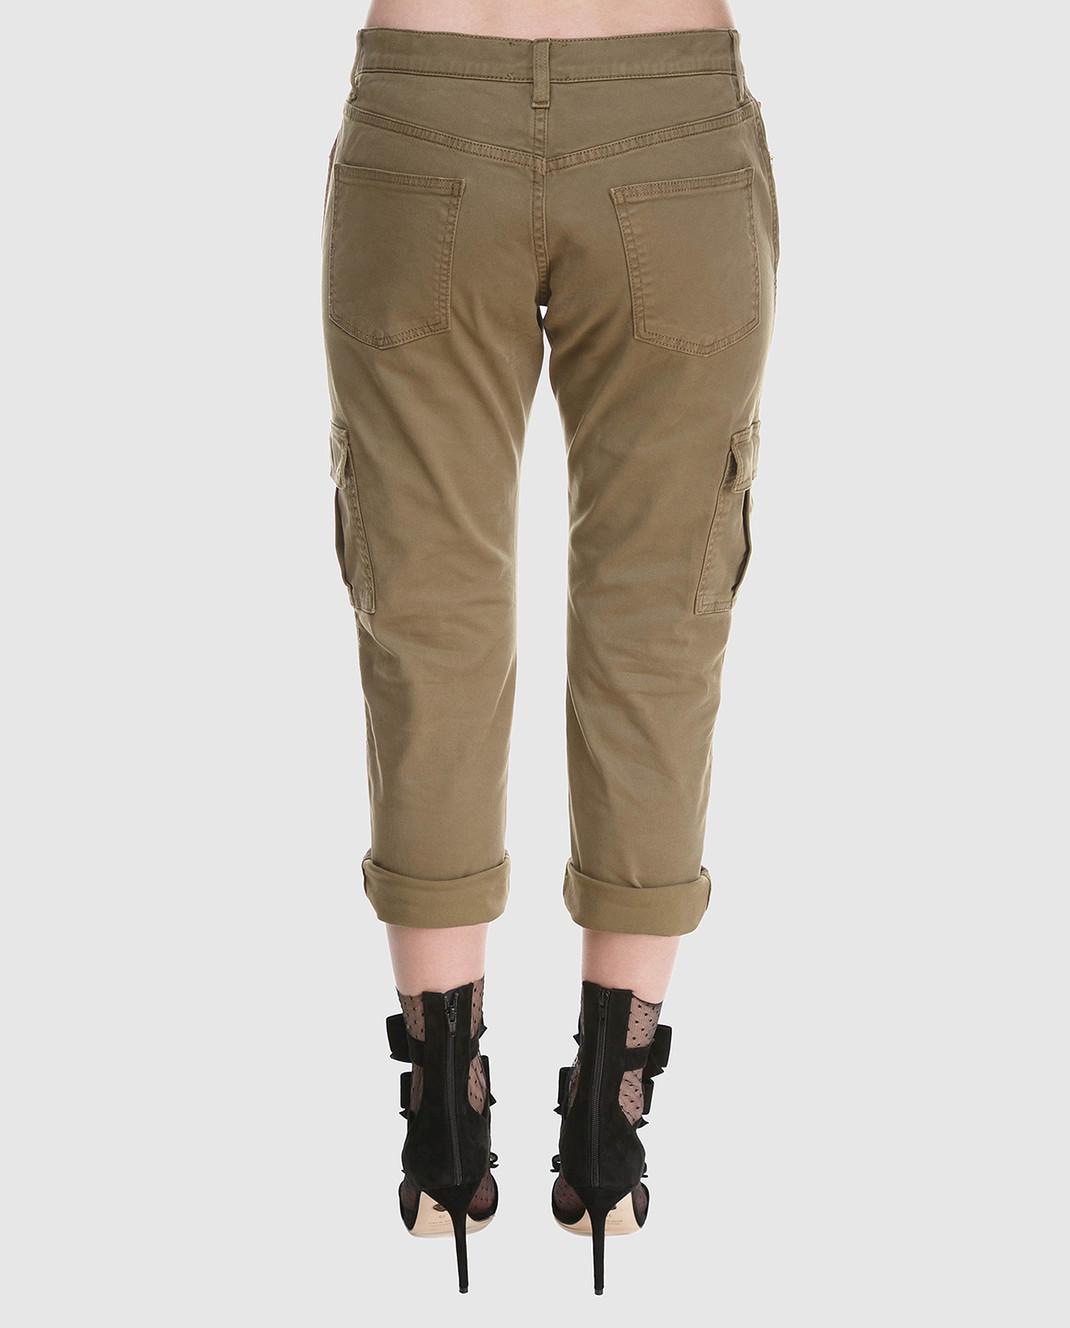 Redemption Зеленые брюки 1810RP08TC29 изображение 4